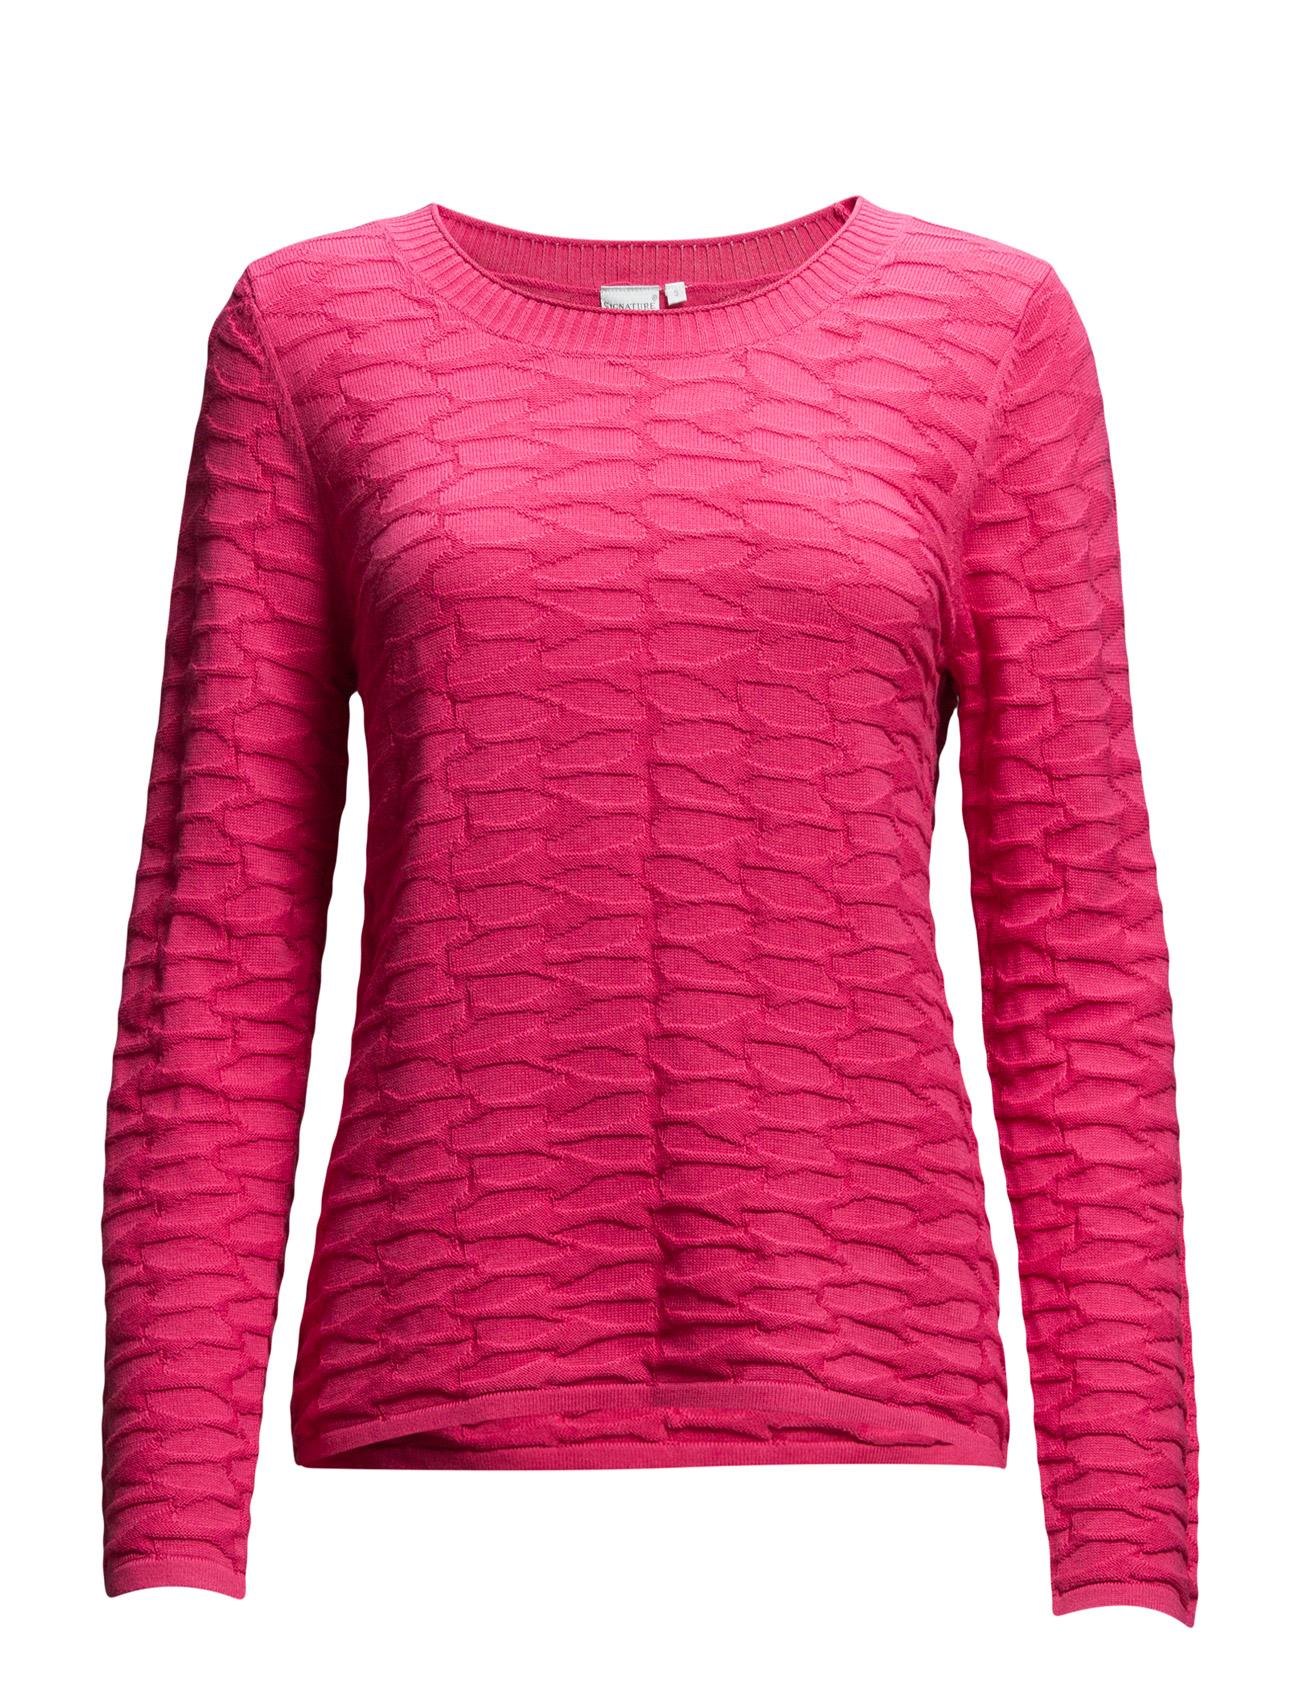 Pullover Signature Sweatshirts til Damer i